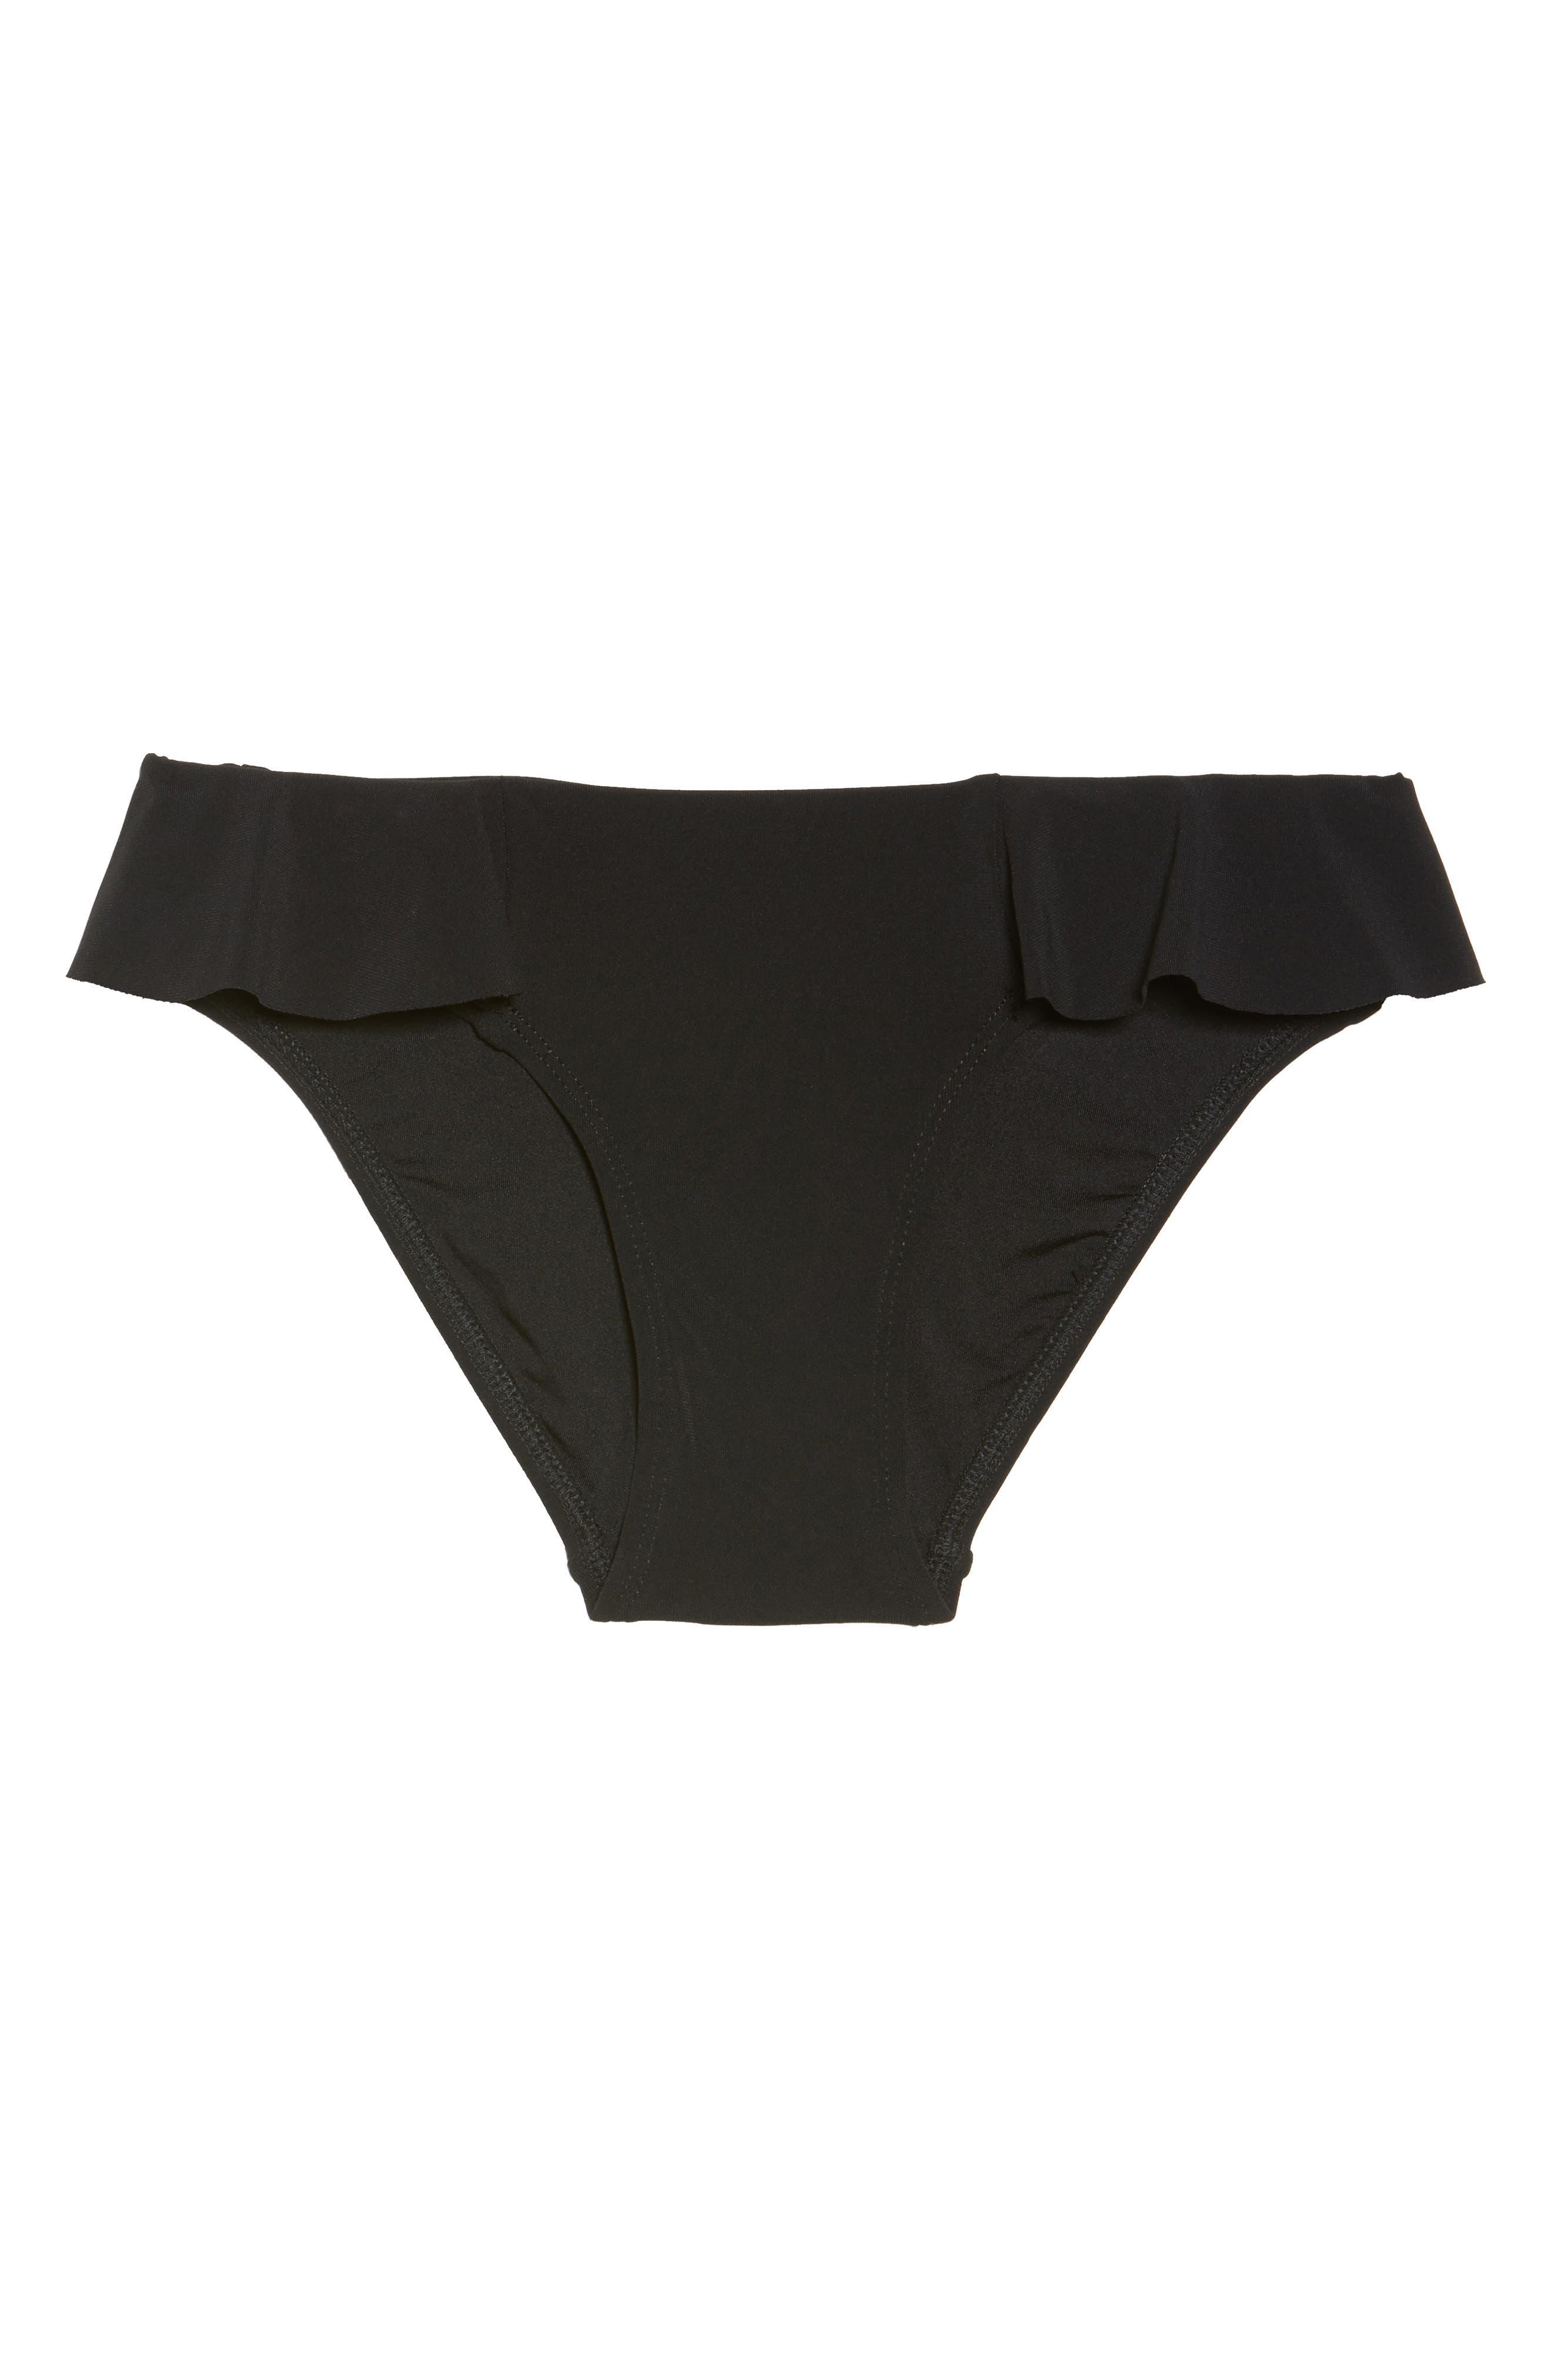 Lina Ruffle Bikini Bottoms,                             Alternate thumbnail 6, color,                             BLACK